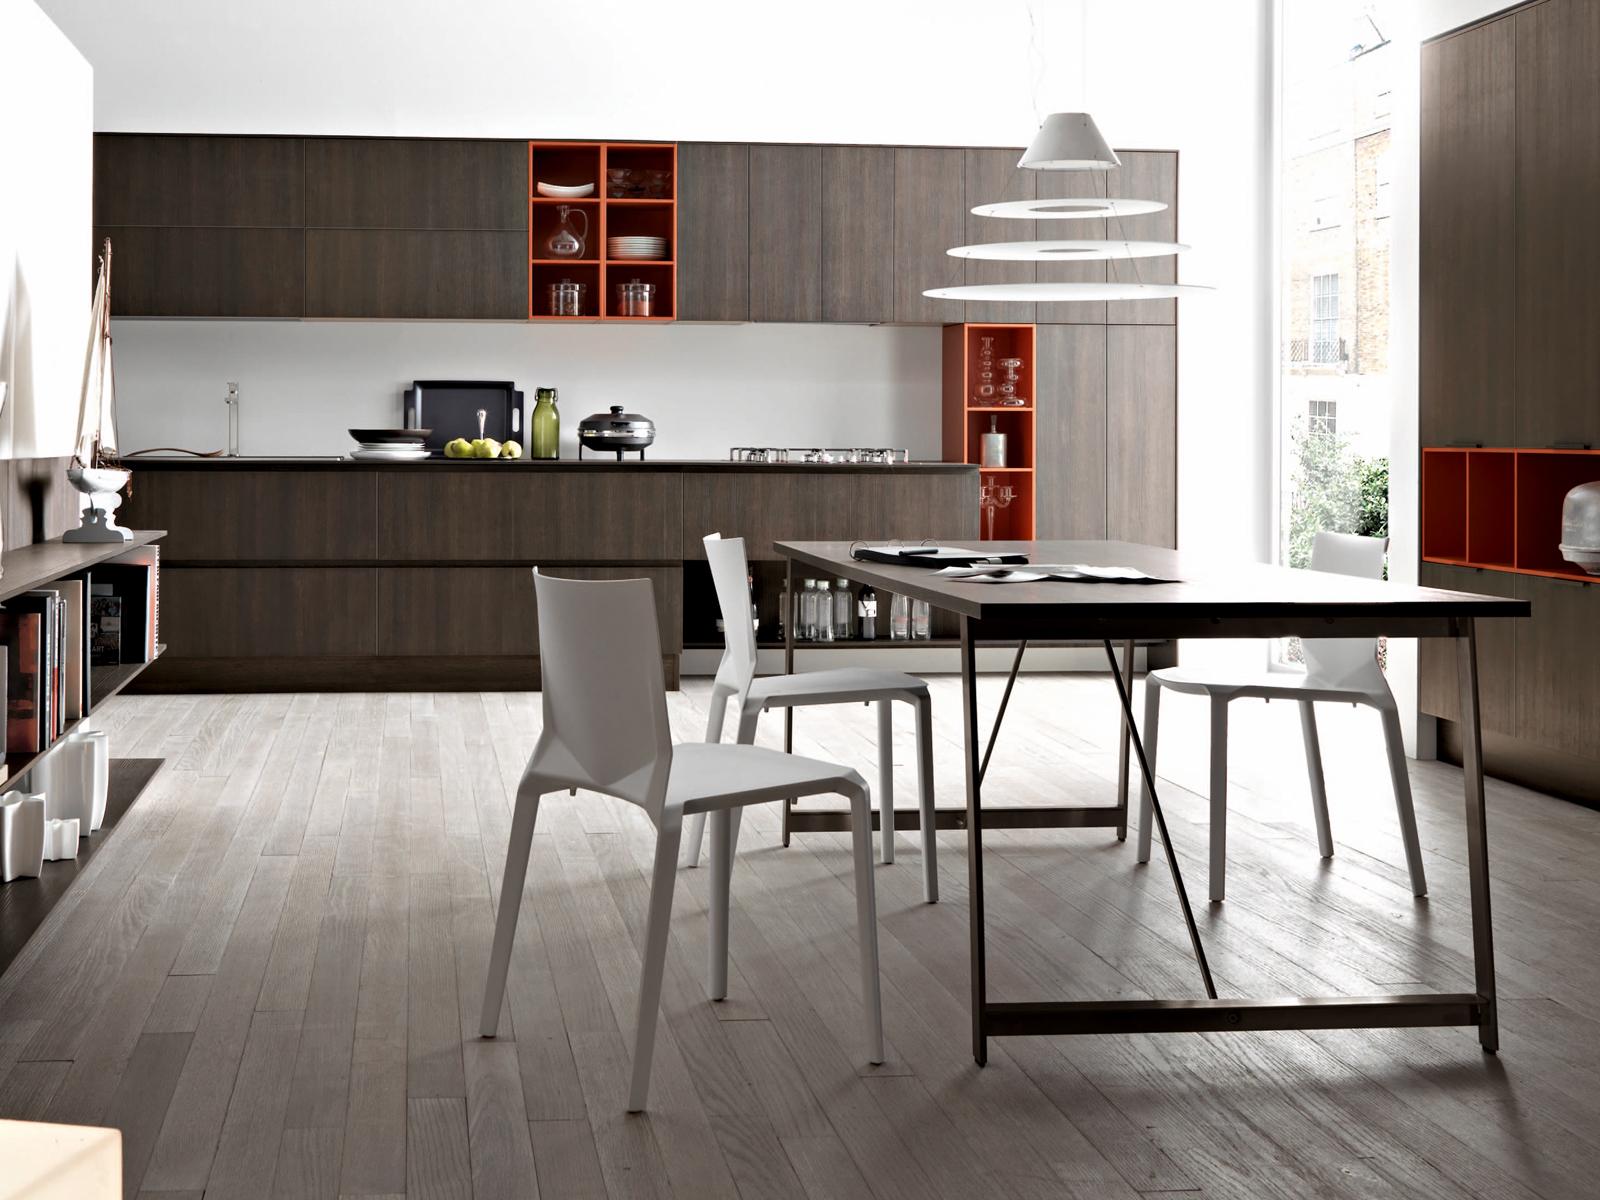 Beberapa Contoh Desain Ruang Tamu Dan Dapur Jadi Satu Terbaik